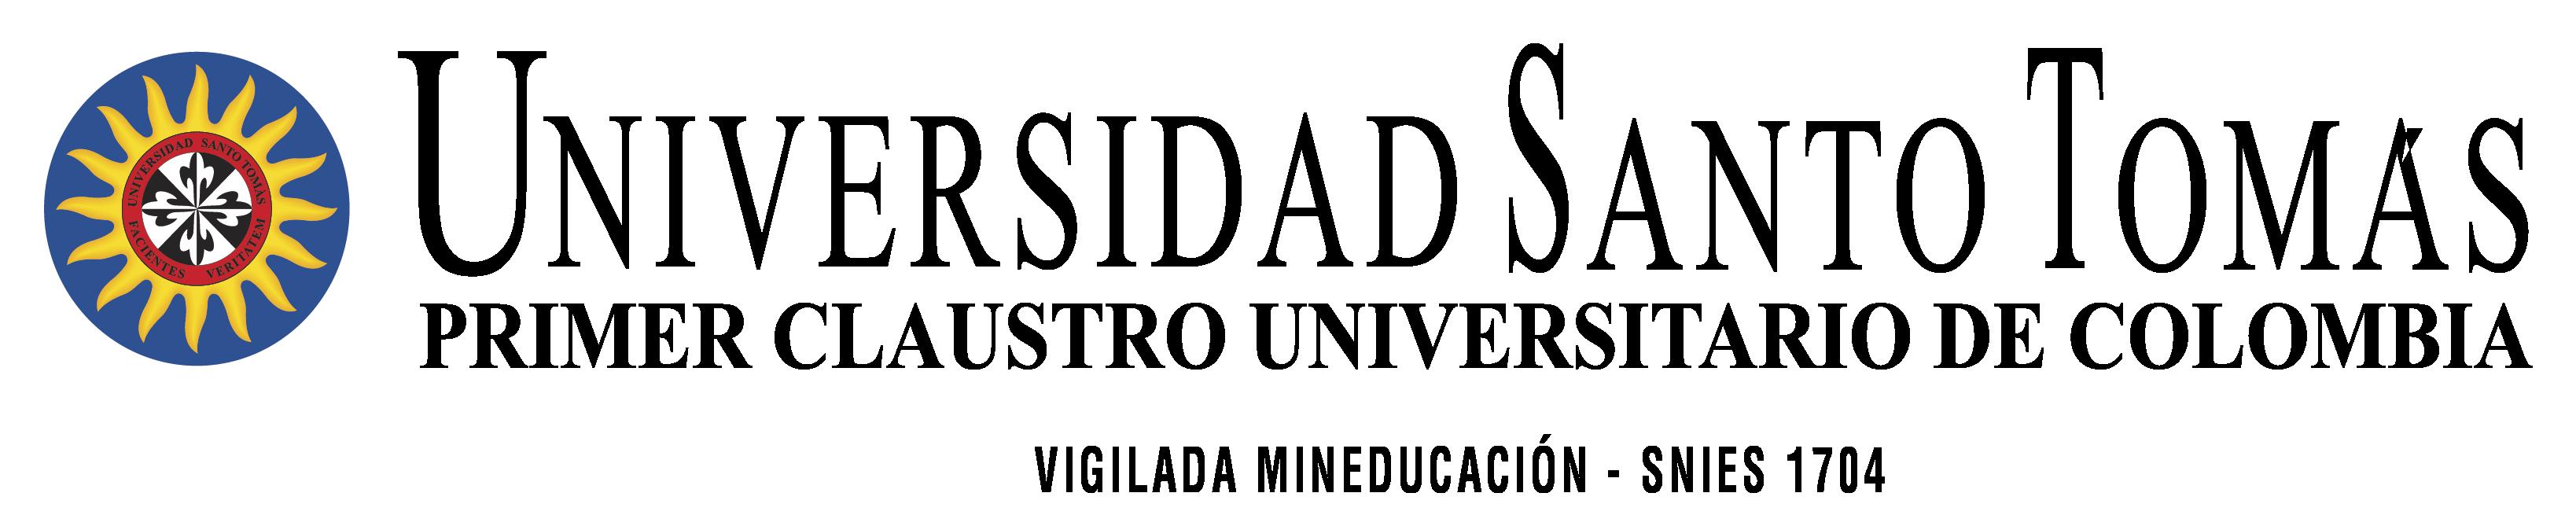 P5. USTA